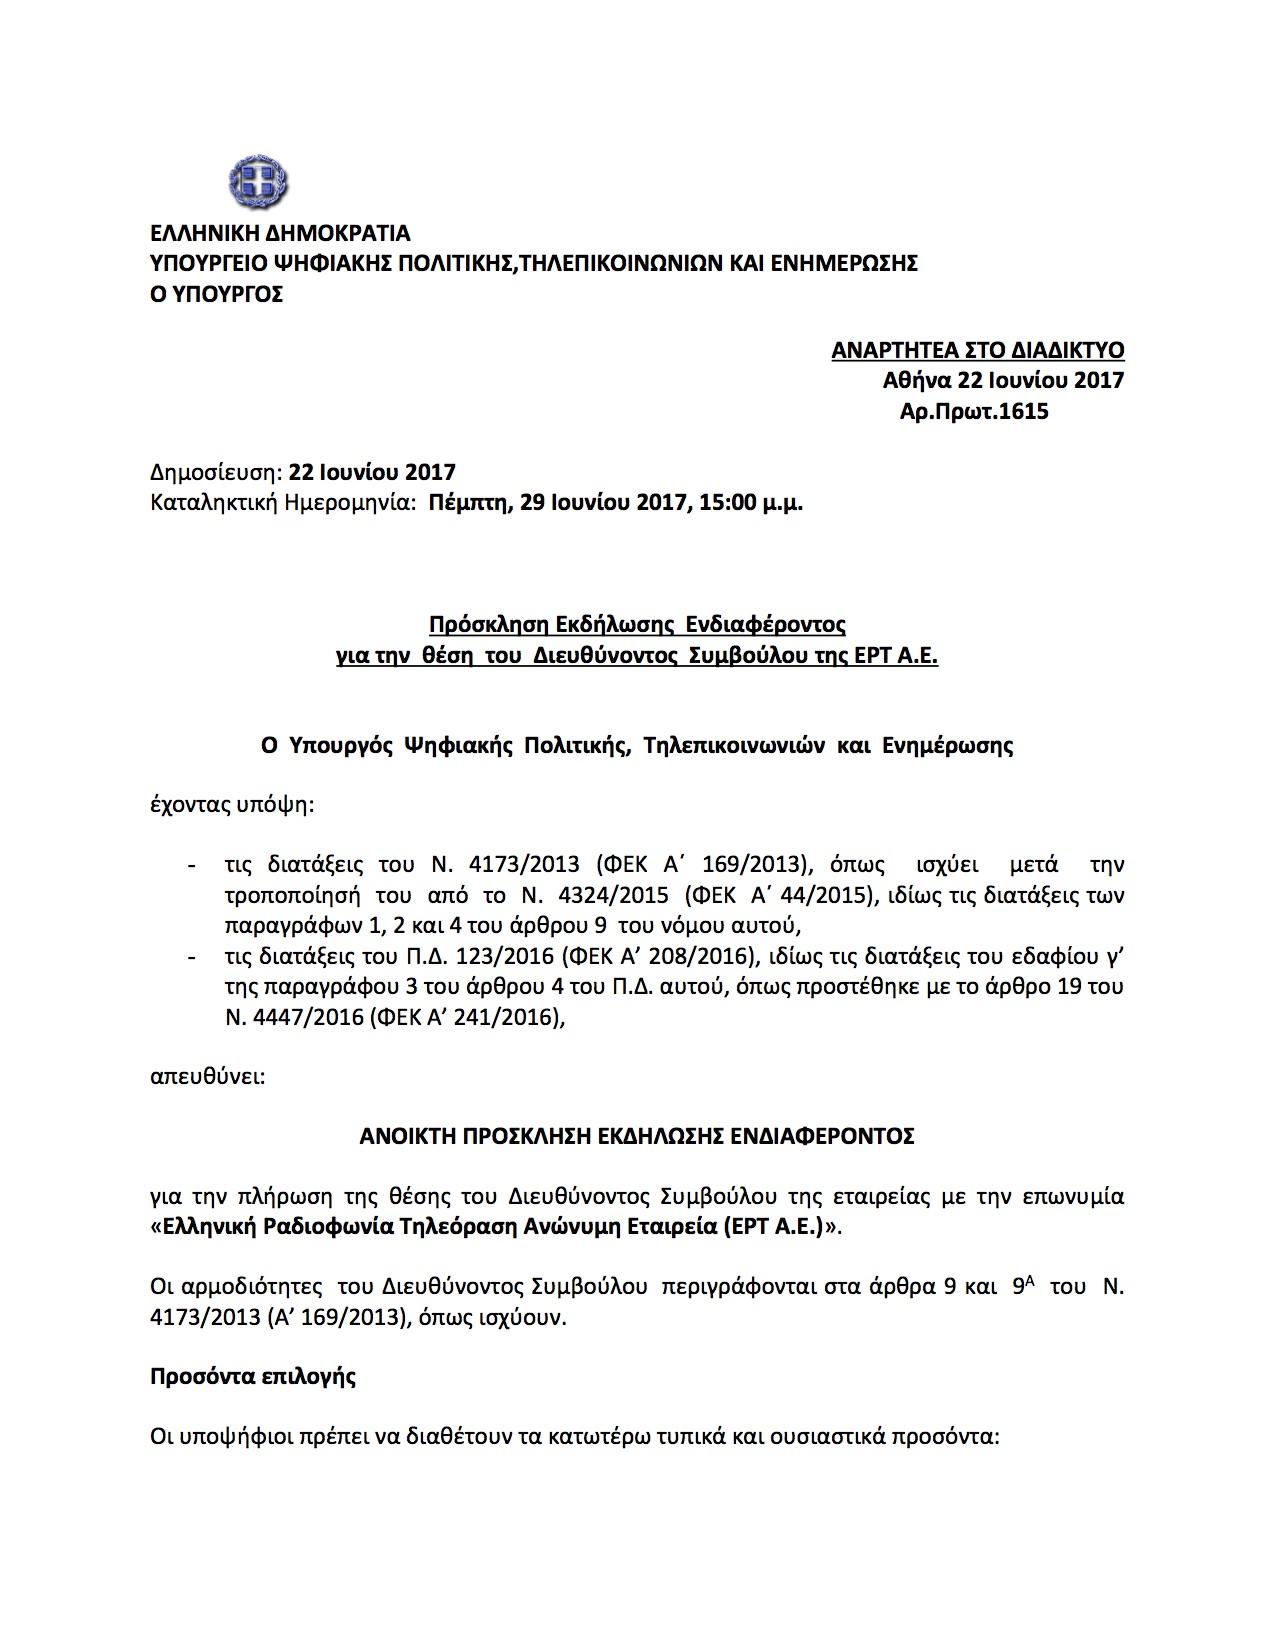 Ζητούνται παραιτήσεις και διαγωνισμός στην ΕΡΤ…